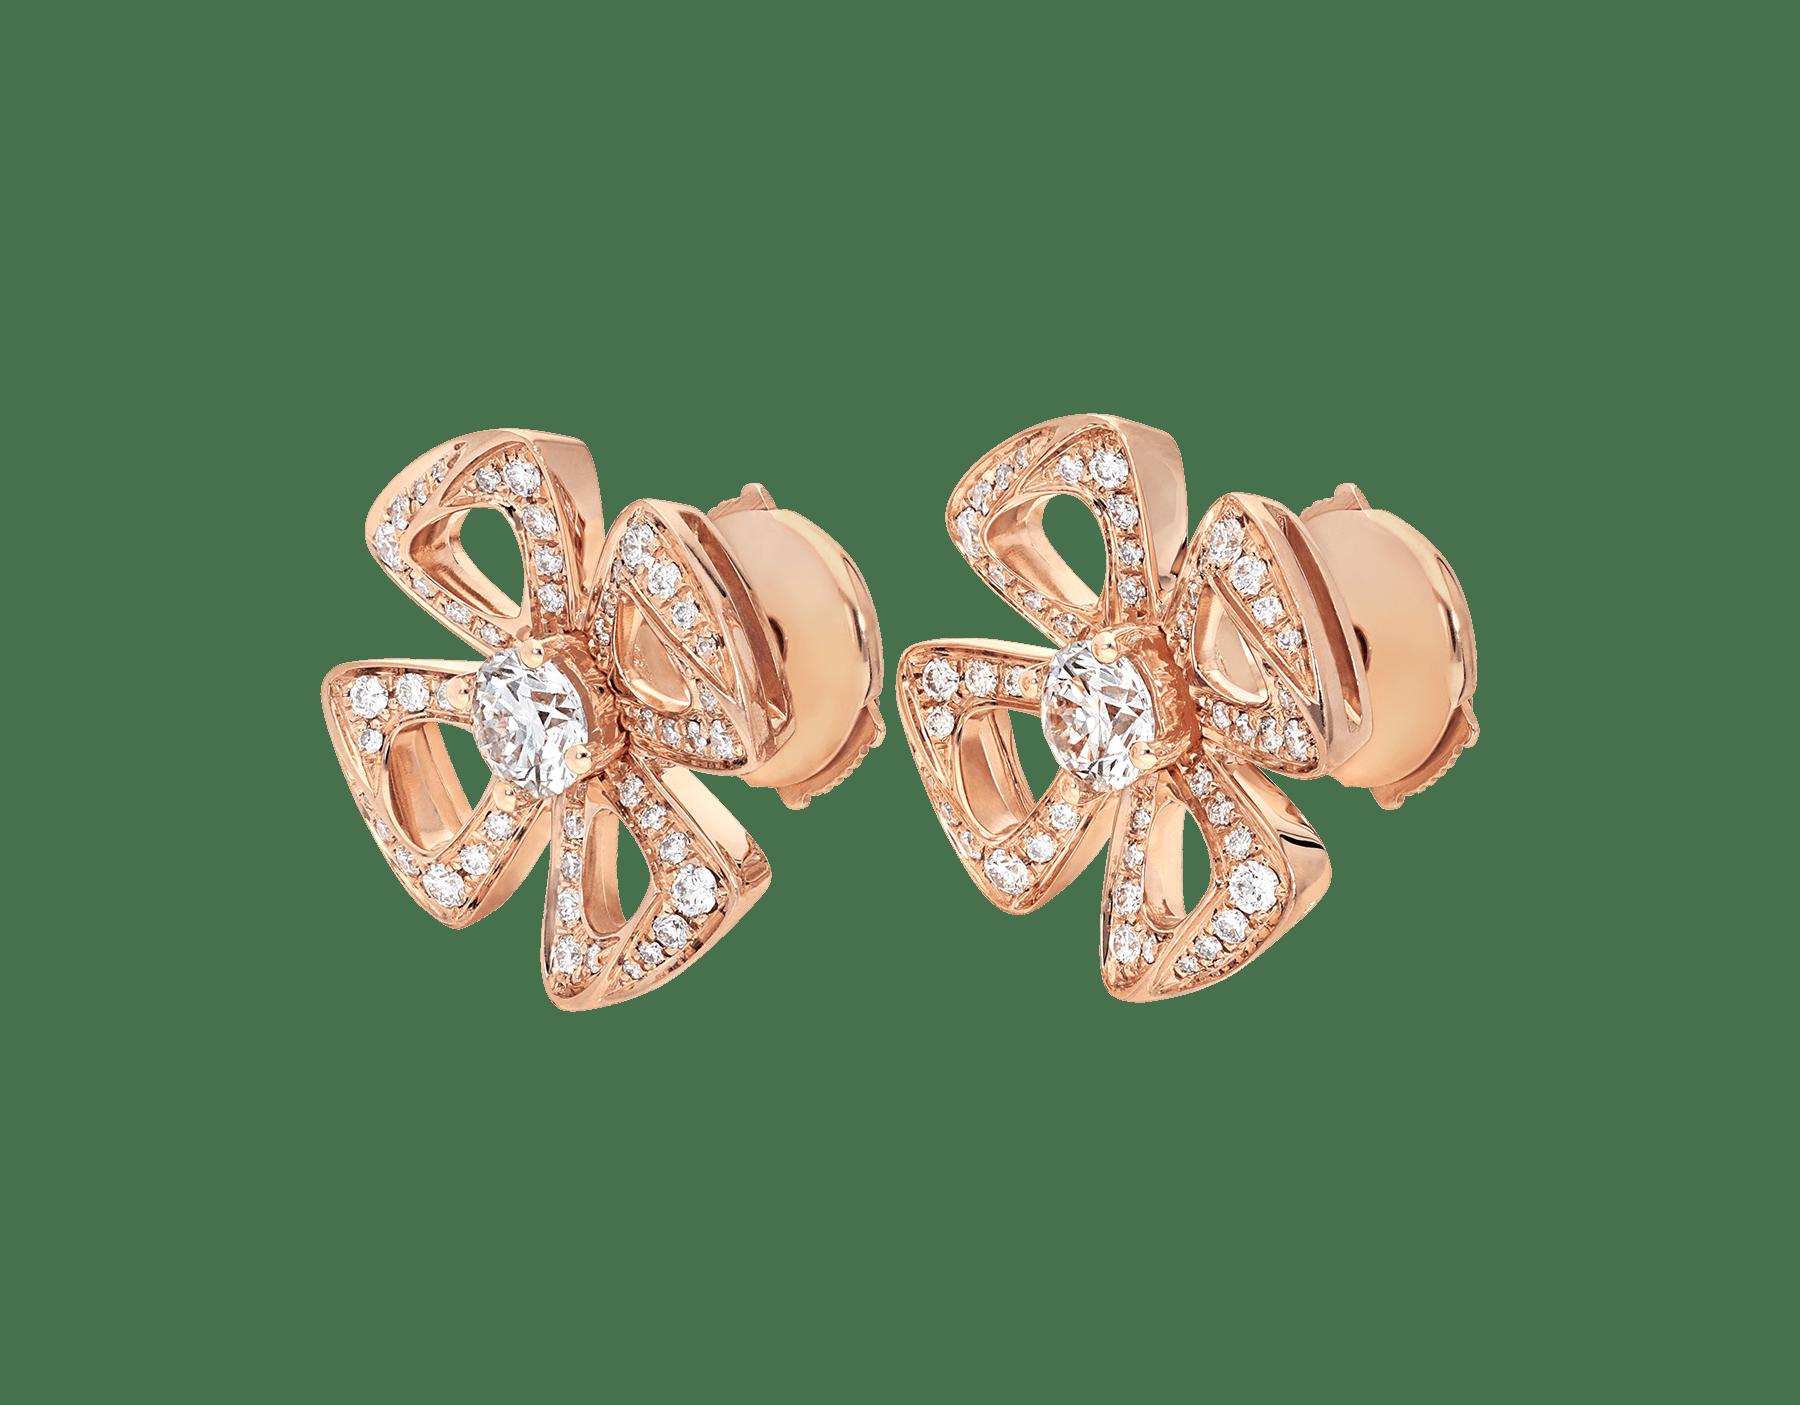 Brincos Fiorever em ouro rosa 18K cravejados com dois diamantes centrais e pavê de diamantes 355887 image 2